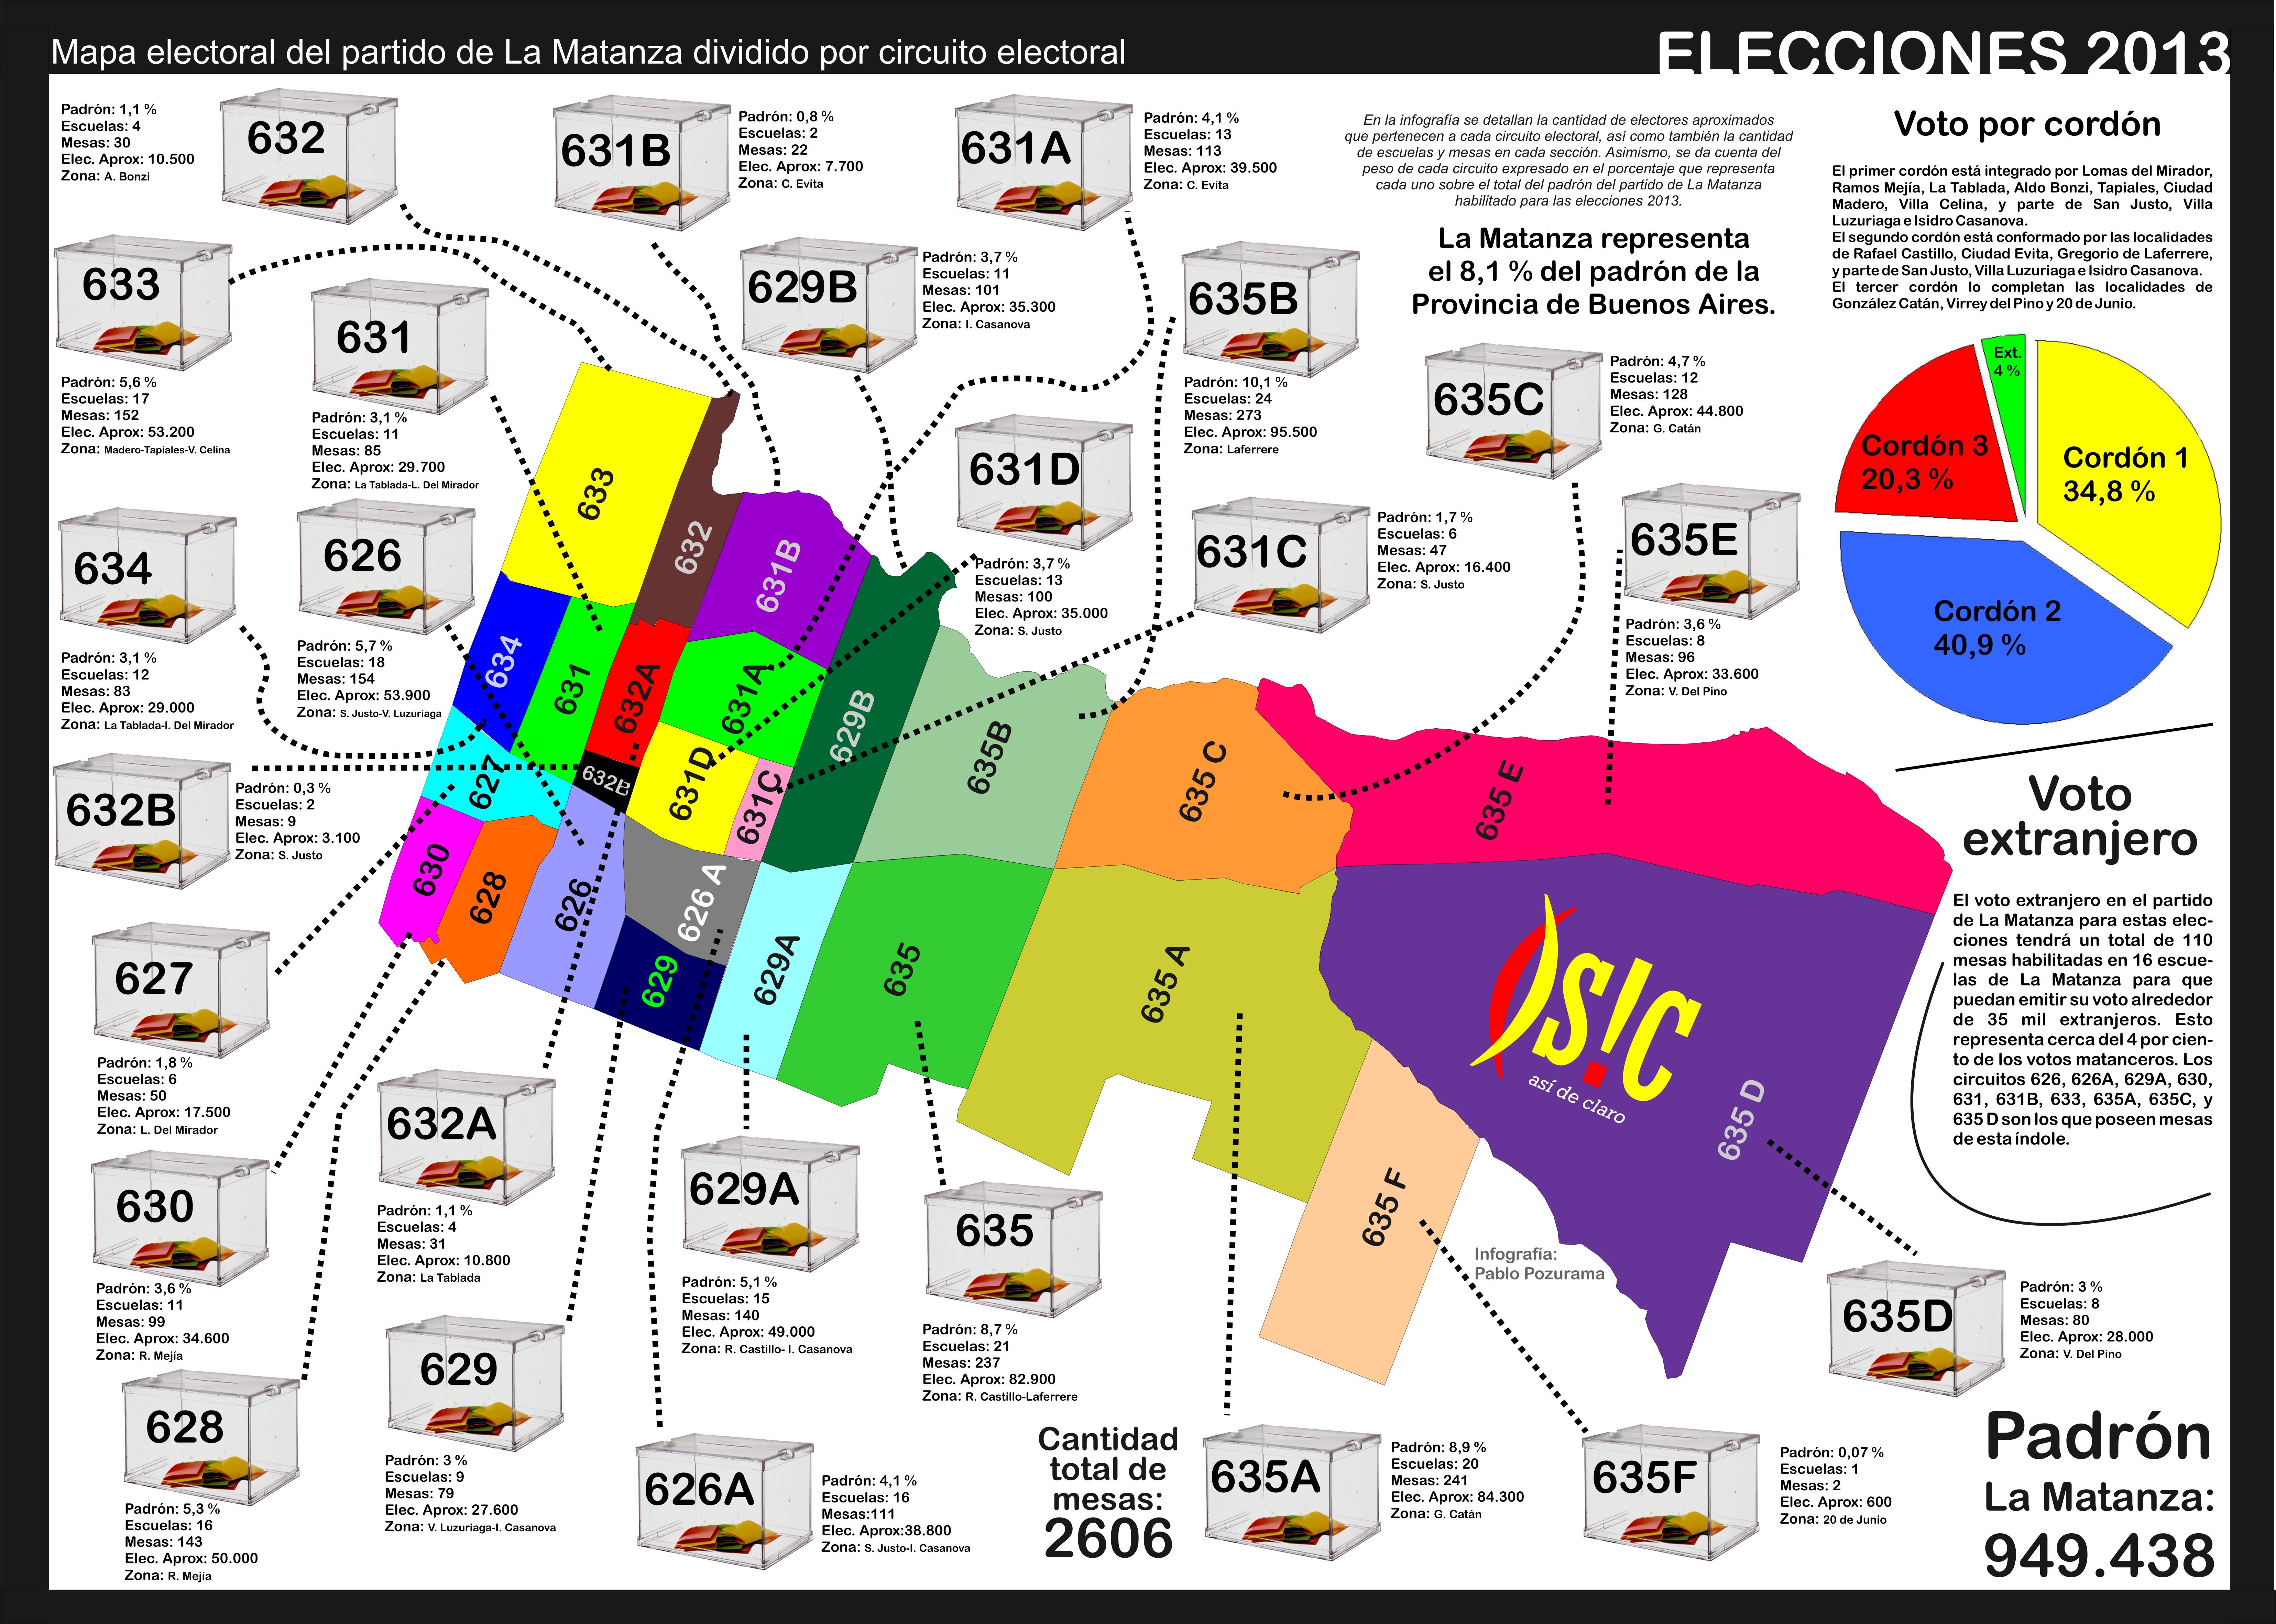 Mapa electoral de la matanza periodico sic for Municipalidad la matanza